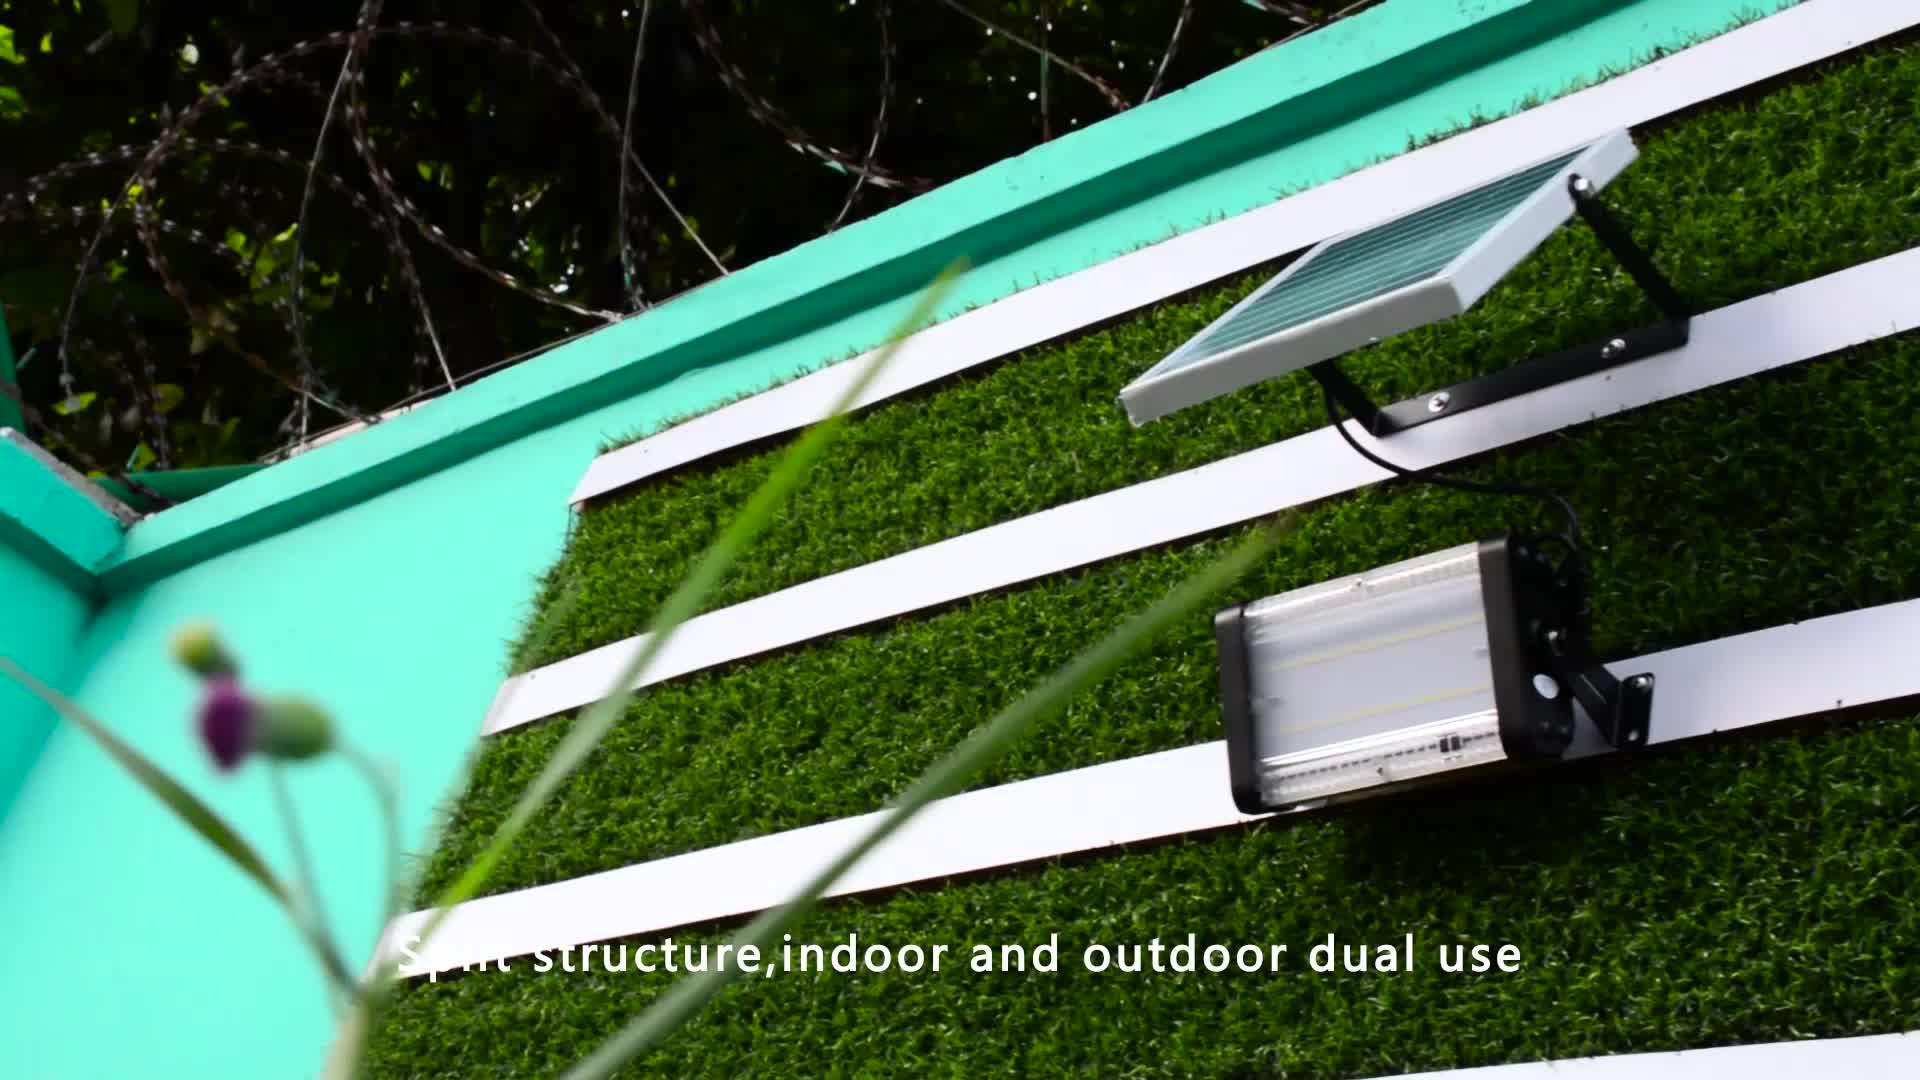 Portable led solar motion sensor light outdoor lighting for parking garage lighting